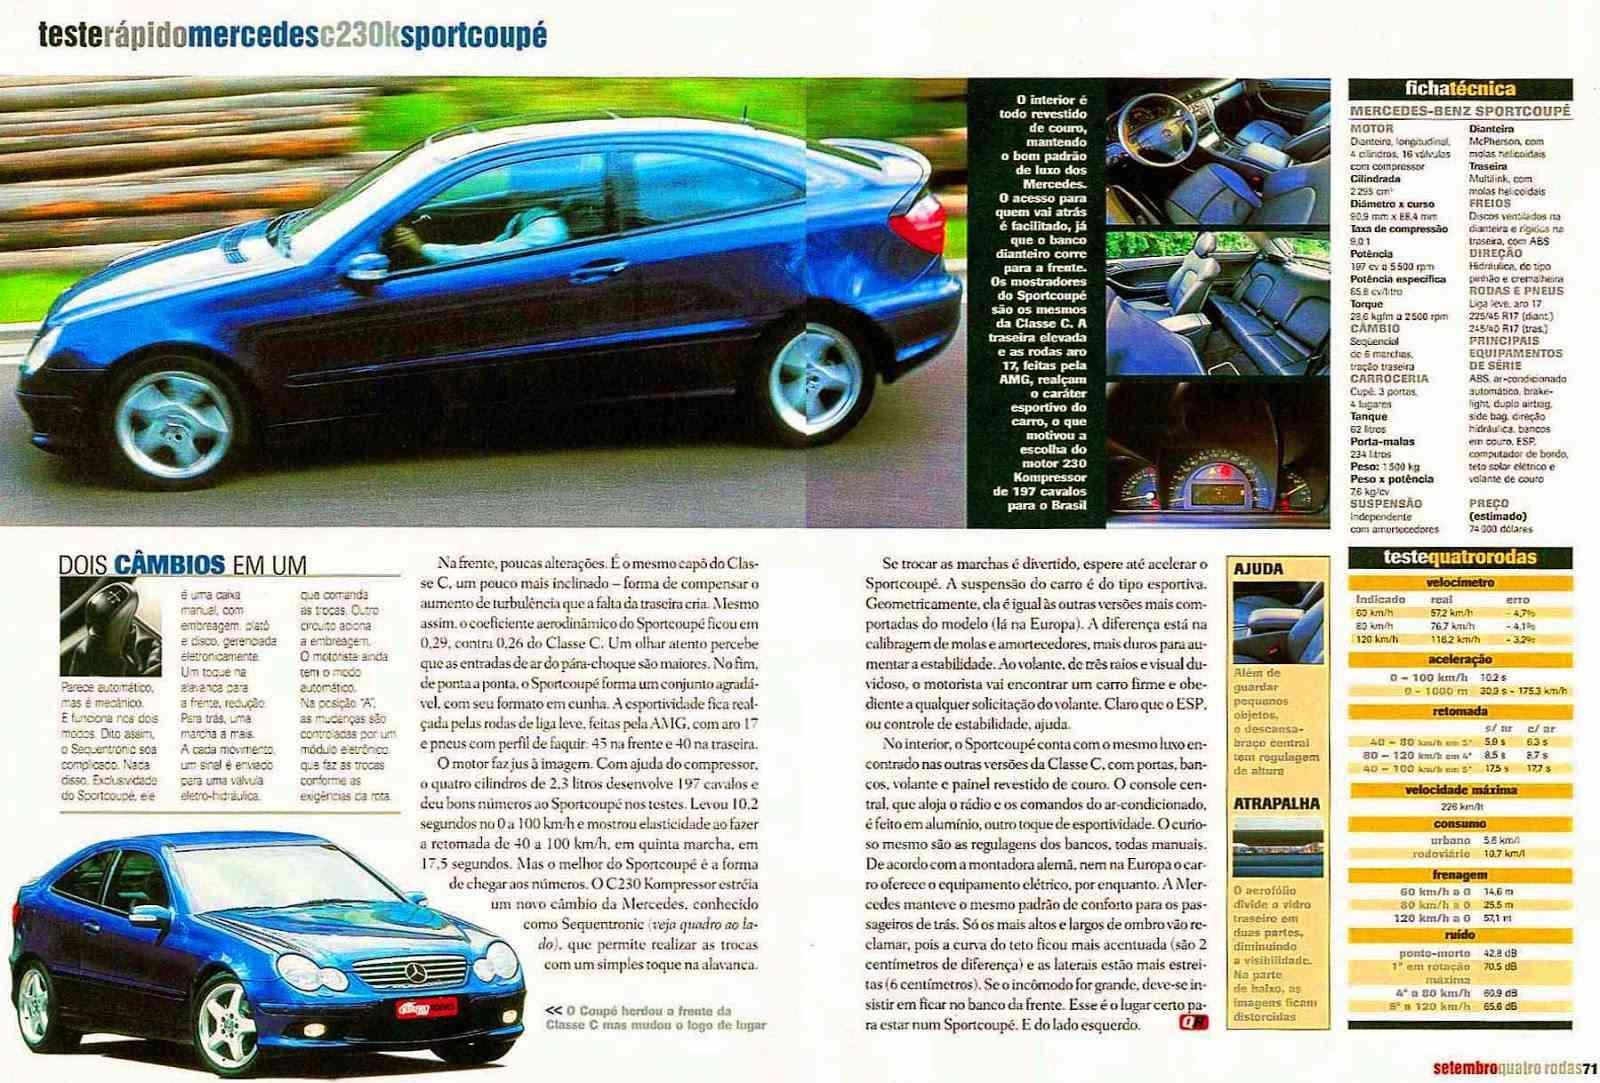 (CL203): Avaliação Revista Quatro Rodas - CLC 230K - setembro de 2001 15b72c10